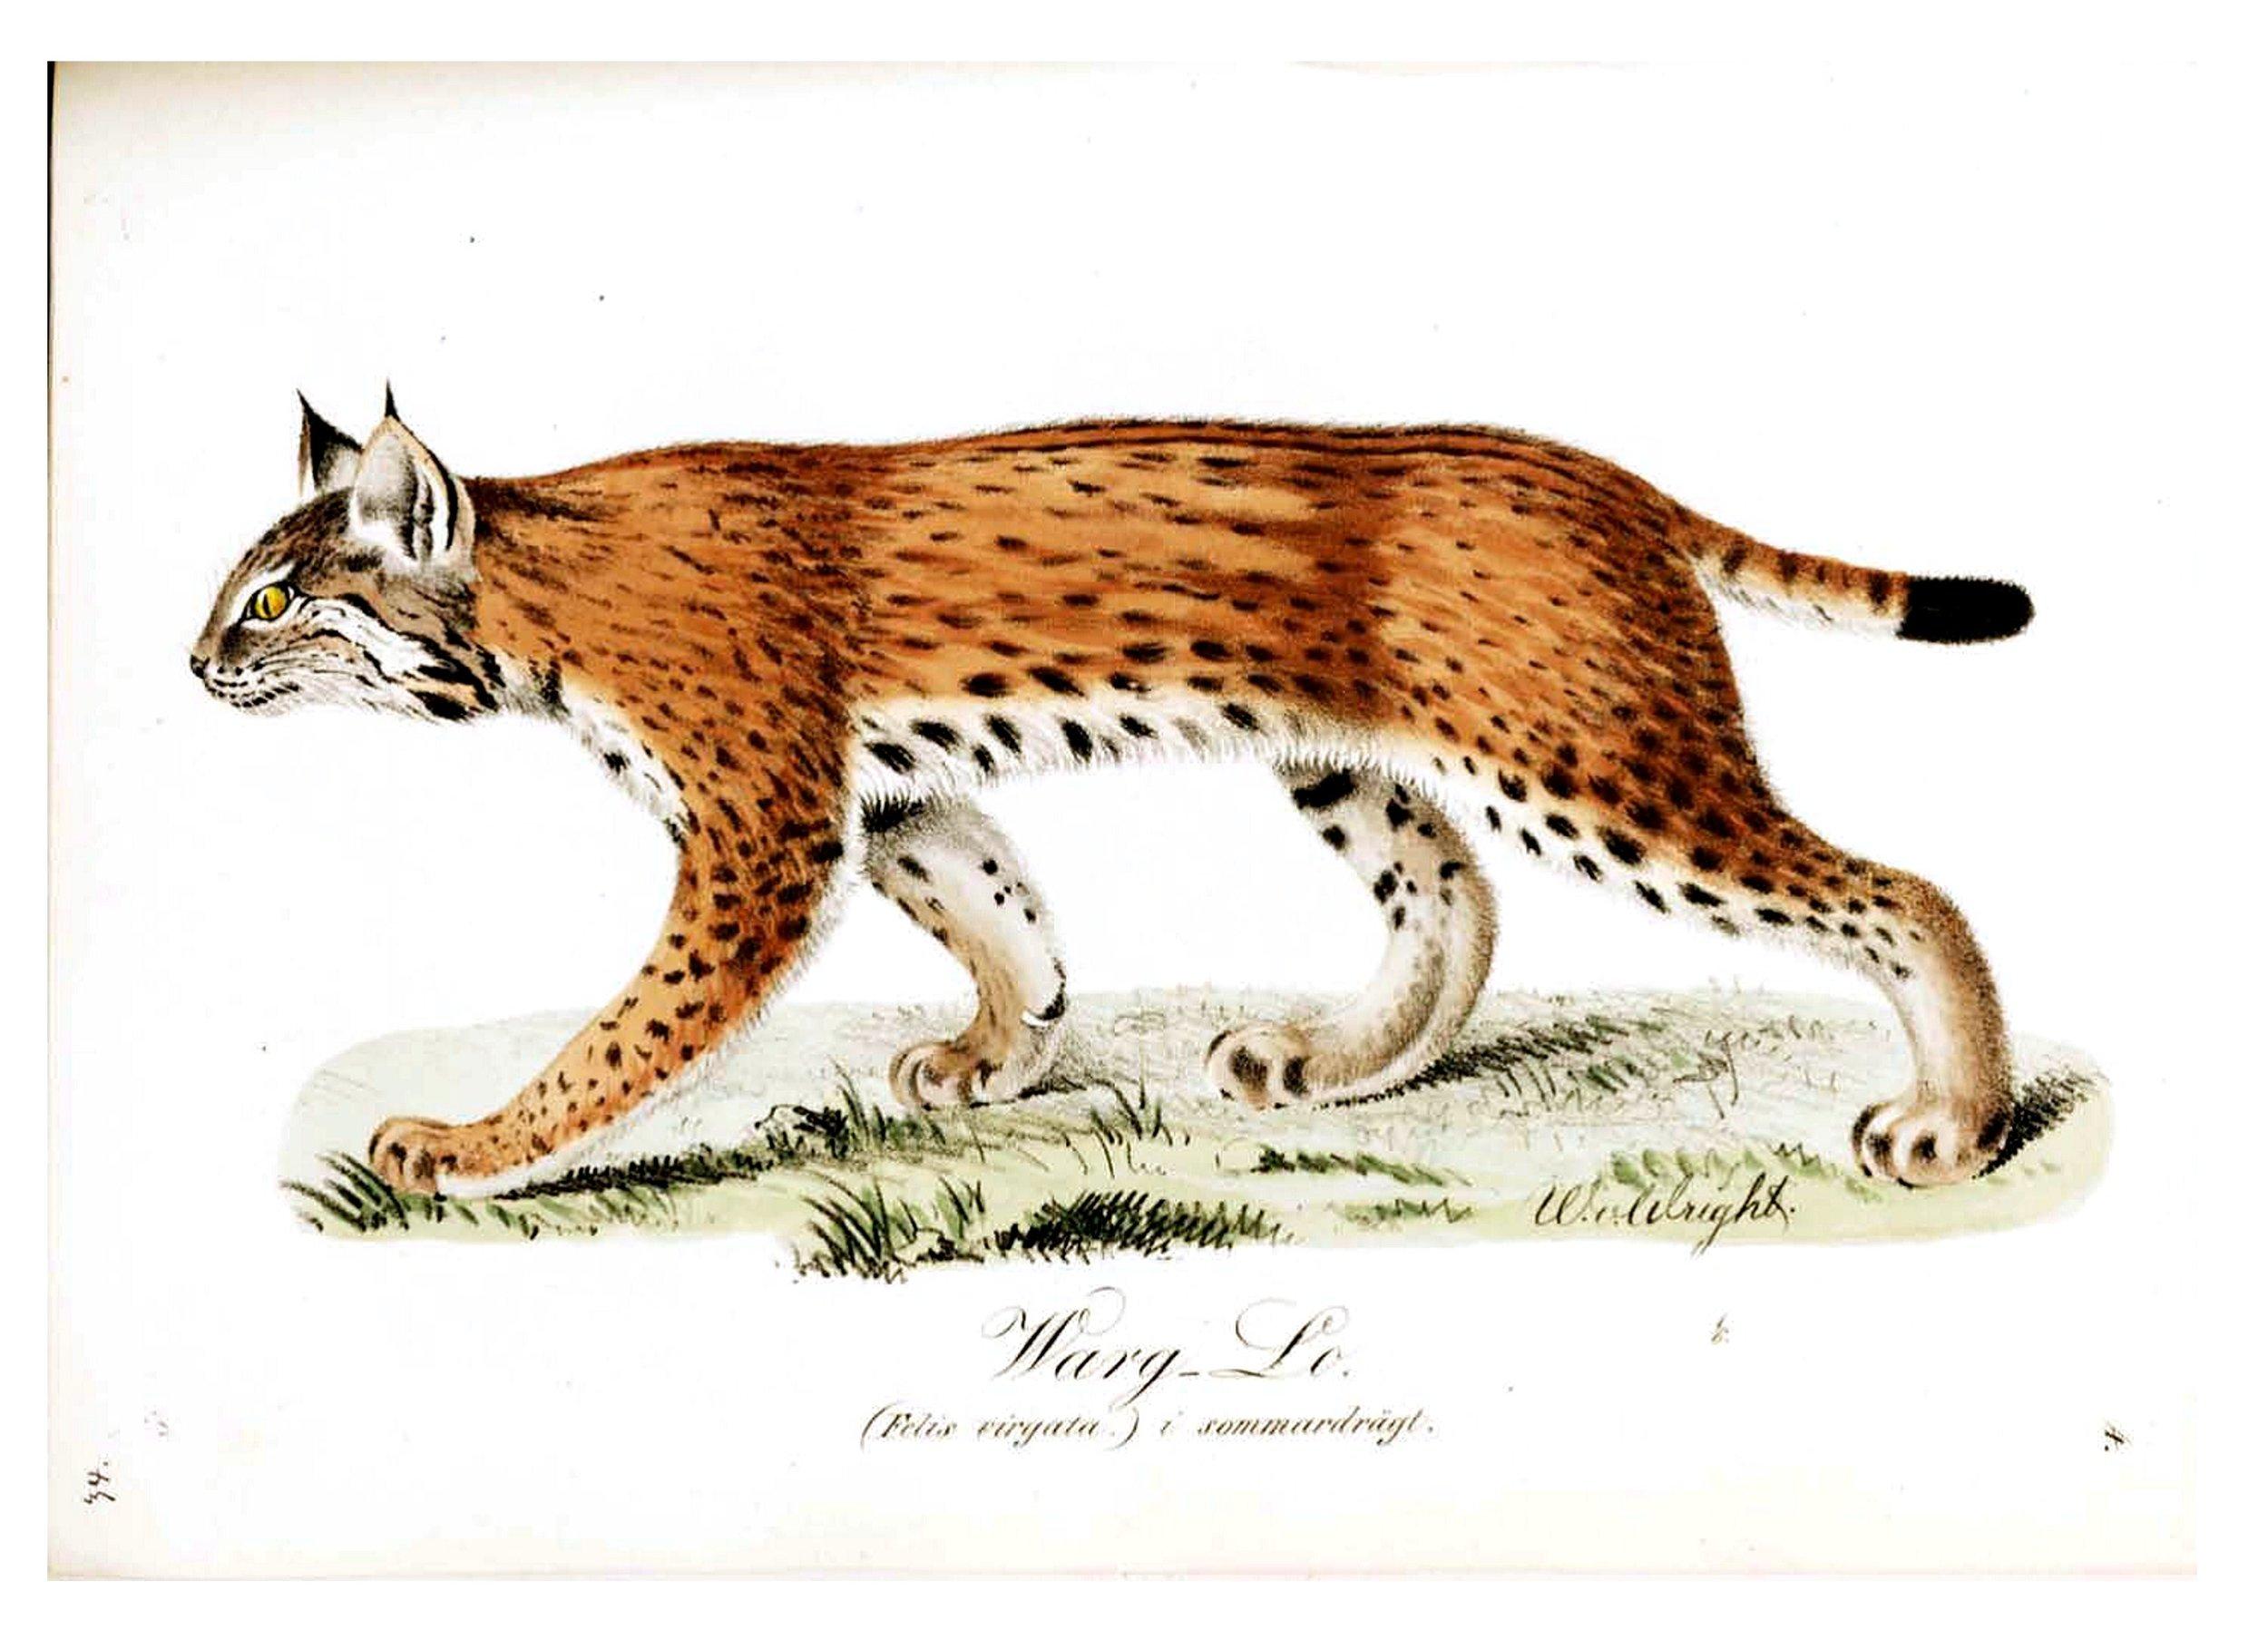 Animal-Illuminerade-Figurer-Cat-Warg-Lo-Lynx-summer.jpg